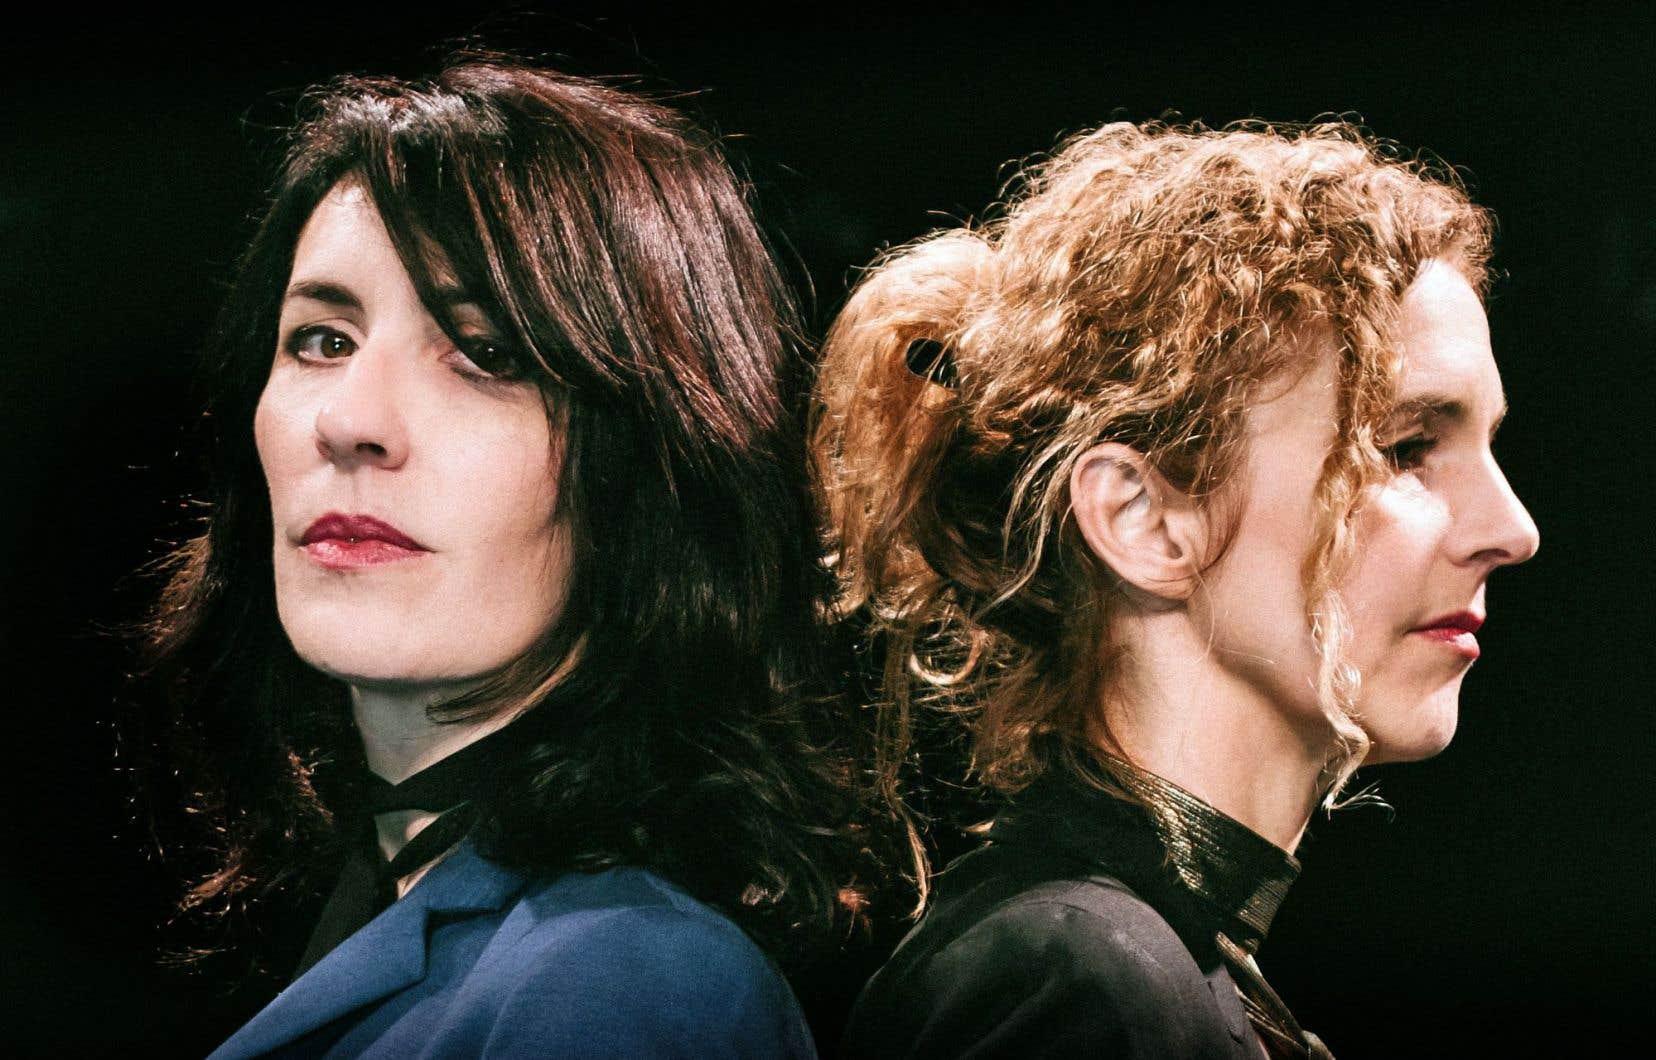 La musicienne et l'auteure, La Grande Sophie et Delphine de Vigan, ensemble sur scène, créent une nouvelle œuvre.